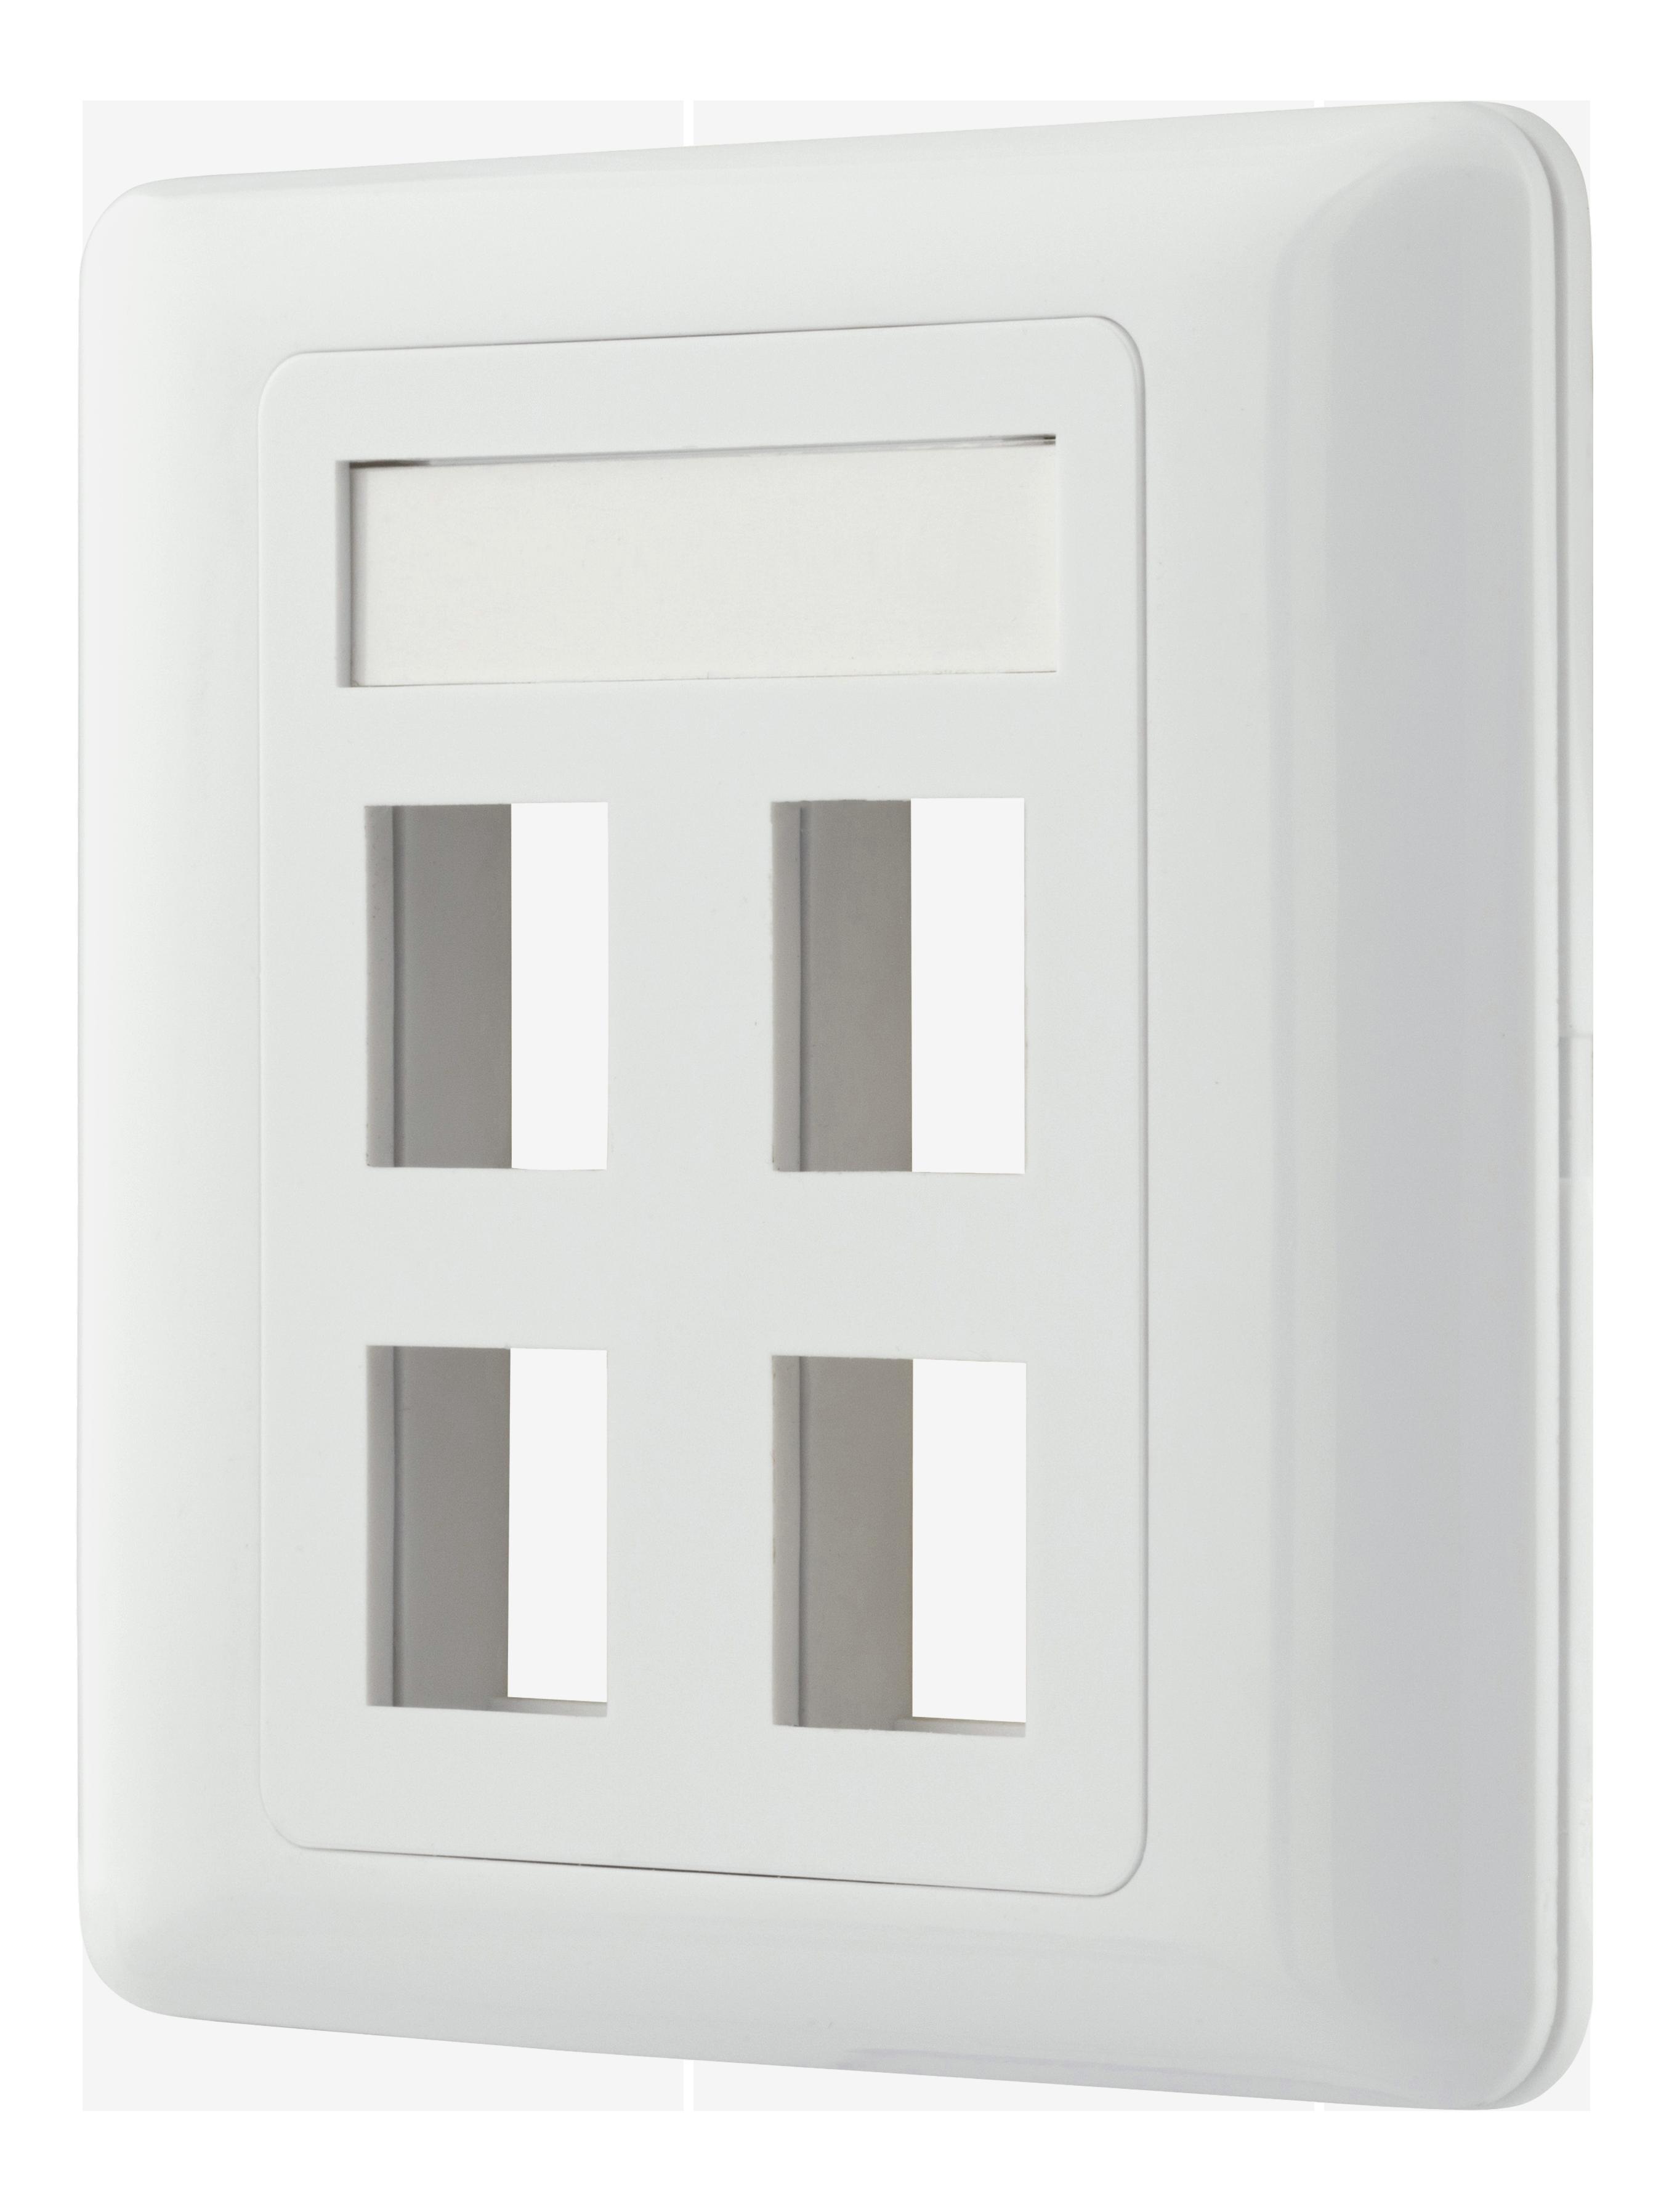 Deltaco flush mount for Keystone, 4 ports, white VR-228